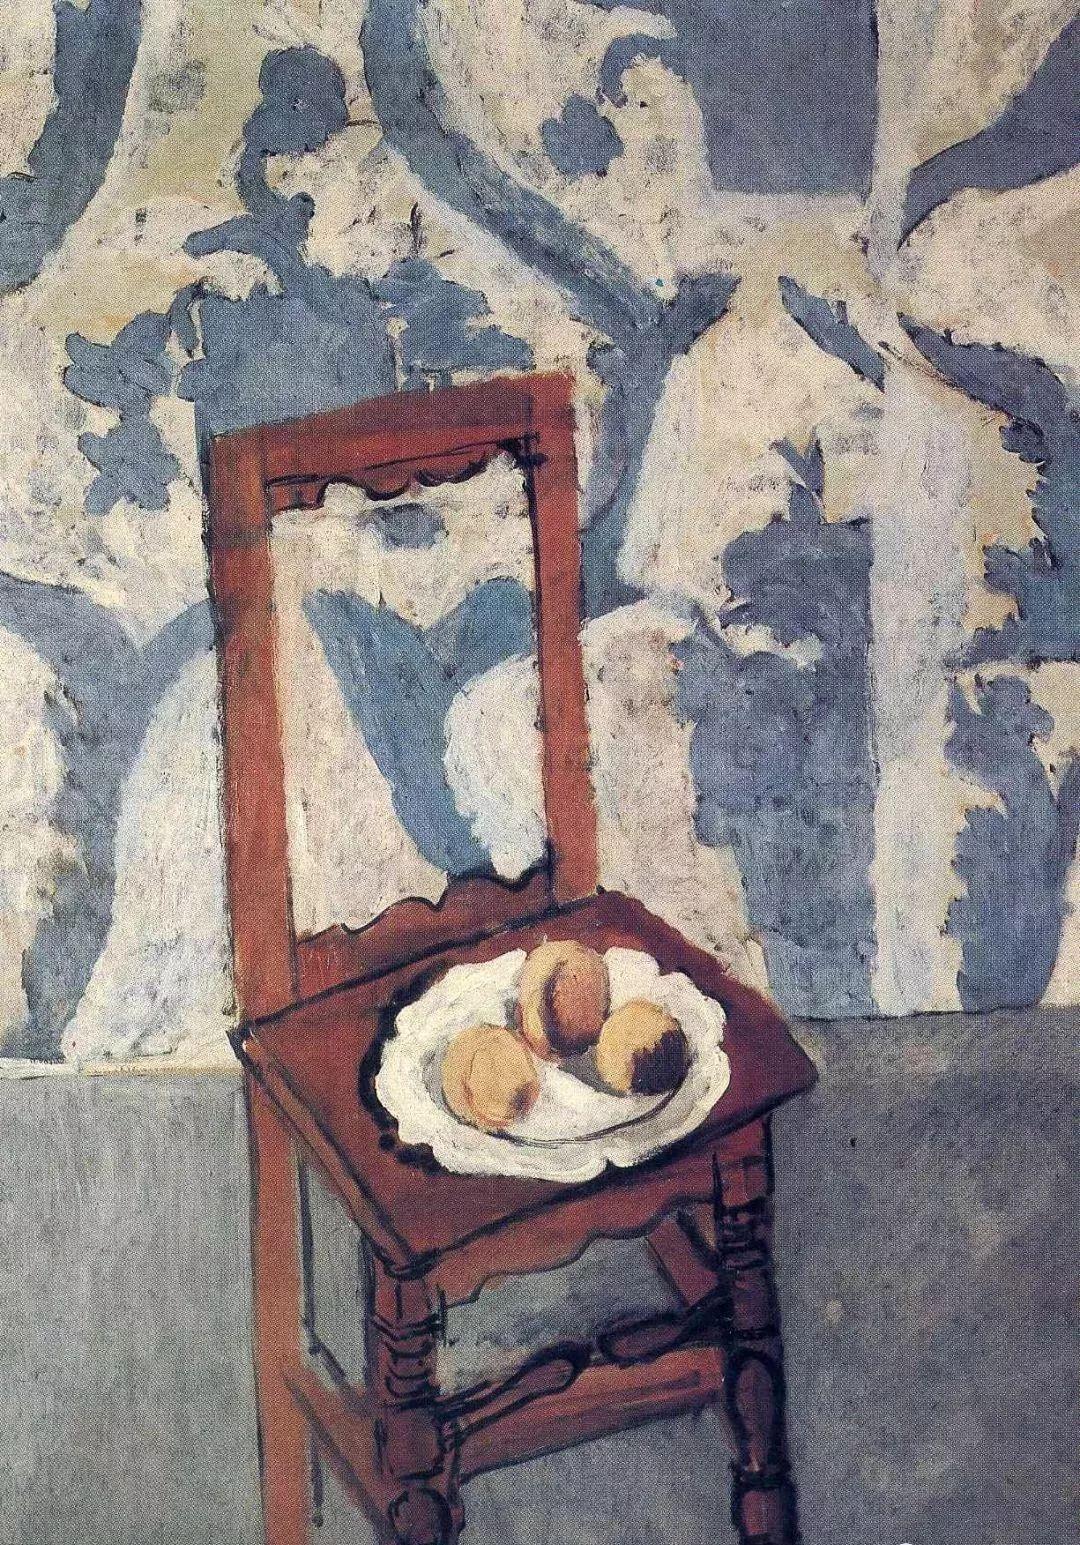 与毕加索并称为20世纪世界美术的两座高峰!马蒂斯静物作品集,震撼出炉!插图63